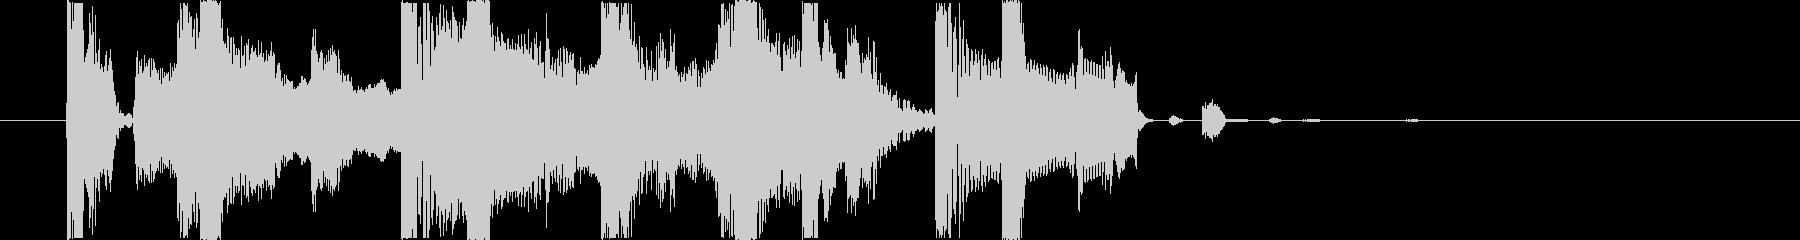 ムーディーなジャズフルートのジングルの未再生の波形